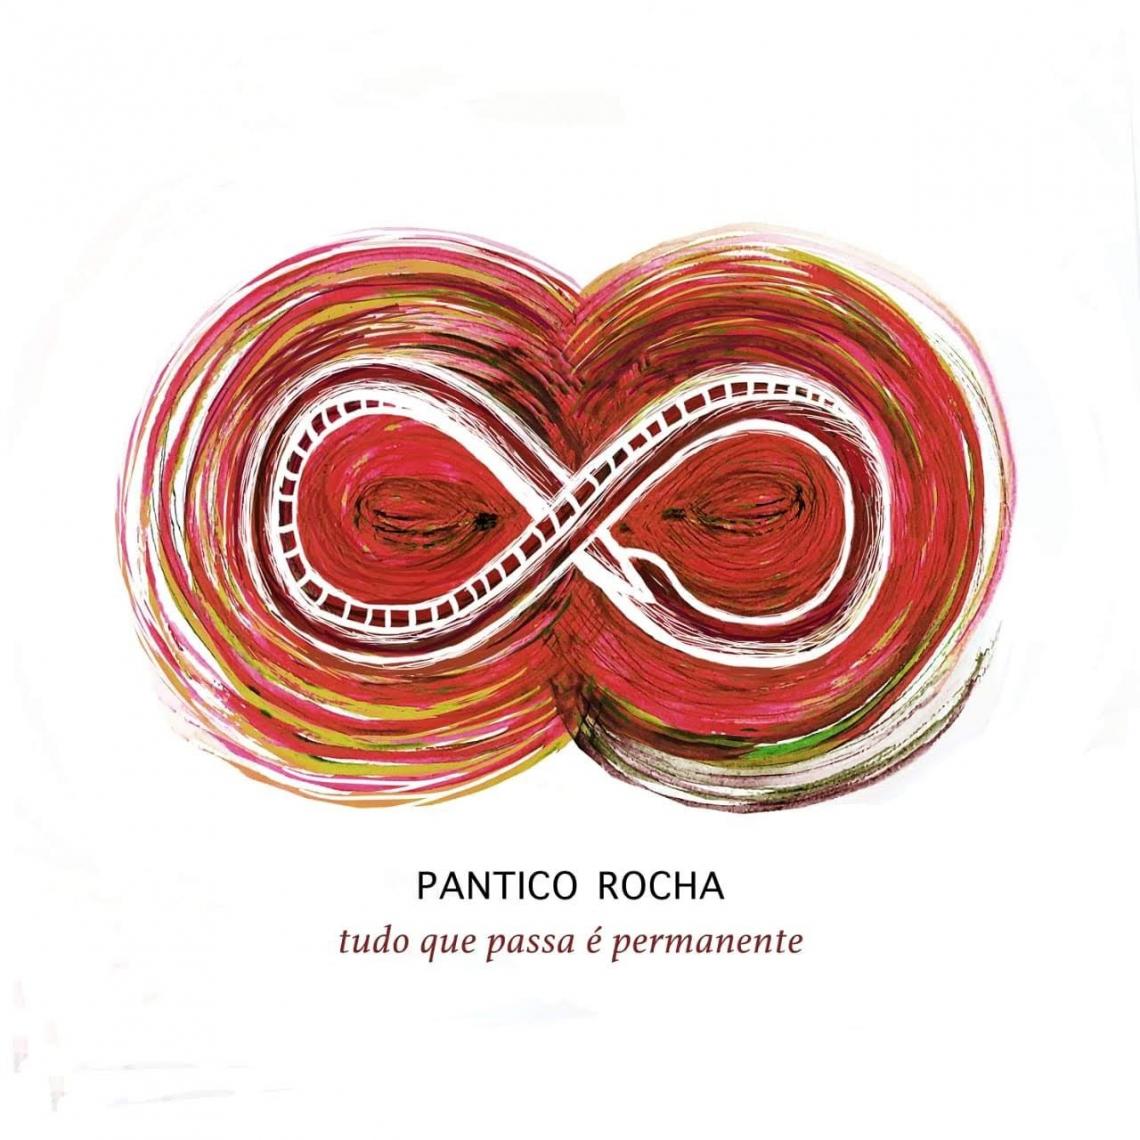 Arte de Paulica Santos para a capa do CD